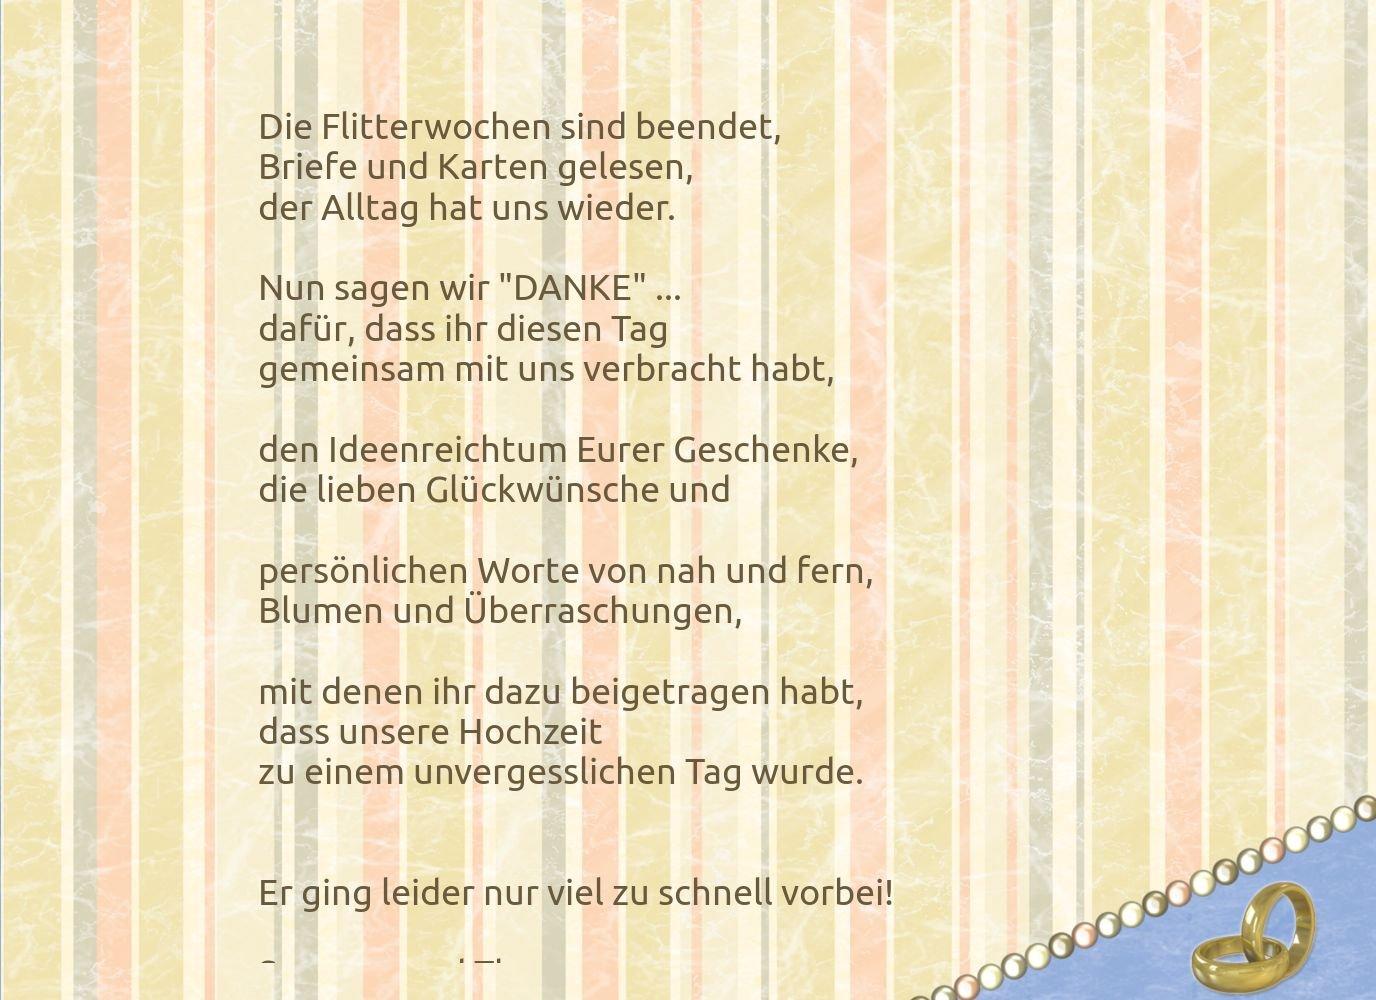 Kartenparadies Danksagung für Hochzeitsgeschenke Hochzeitsgeschenke Hochzeitsgeschenke Hochzeit Dankeskarte Bund für's Leben, hochwertige Danksagungskarte Hochzeitsglückwünsche inklusive Umschläge   20 Karten - (Format  148x105 mm) Farbe  LilaFlieder B01NBX49QI   Bequ 606e60